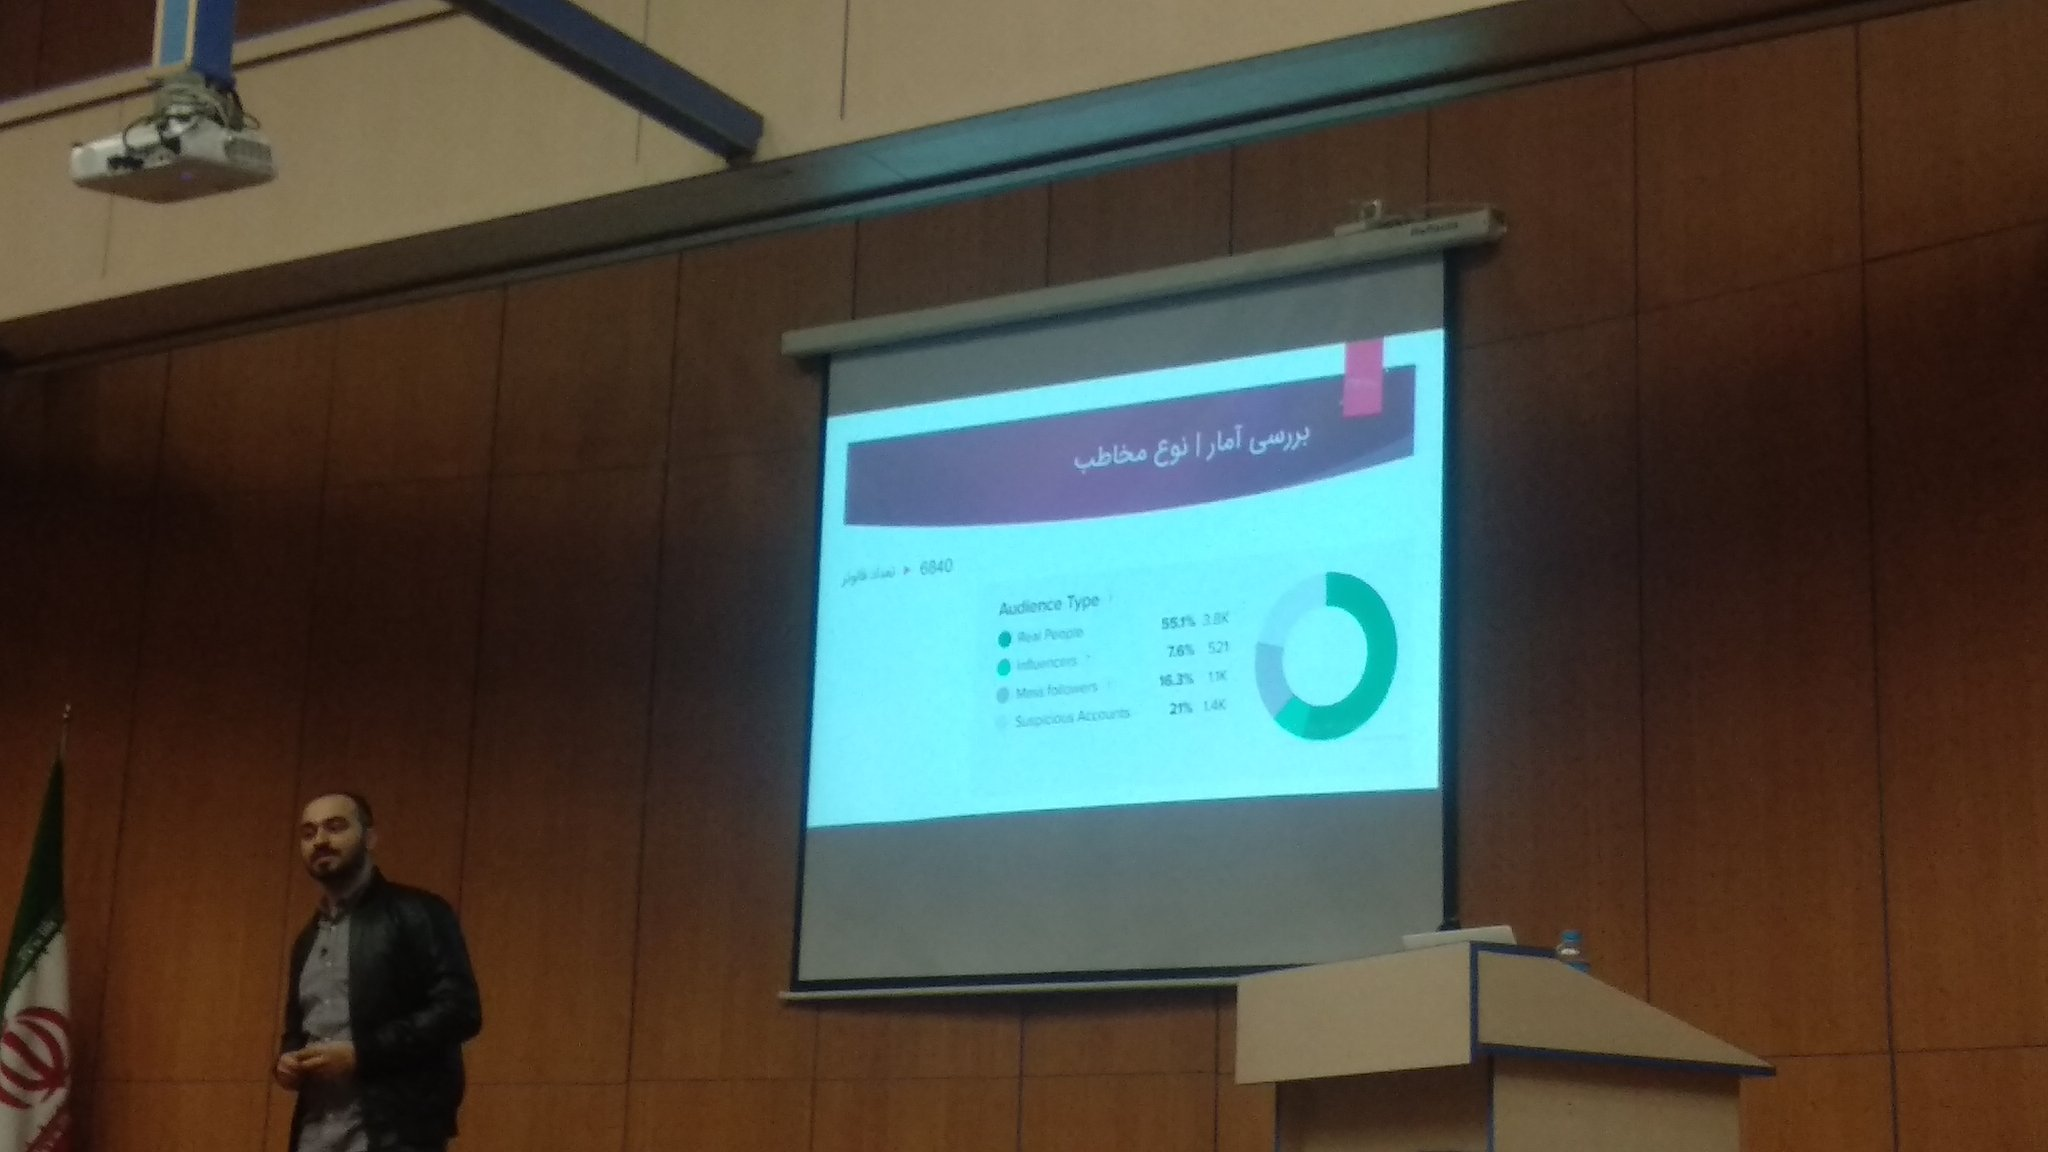 ارائه محمدرضا فهیمی در پانزدهمین دورهمی در مسیر بازاریابی دیجیتال